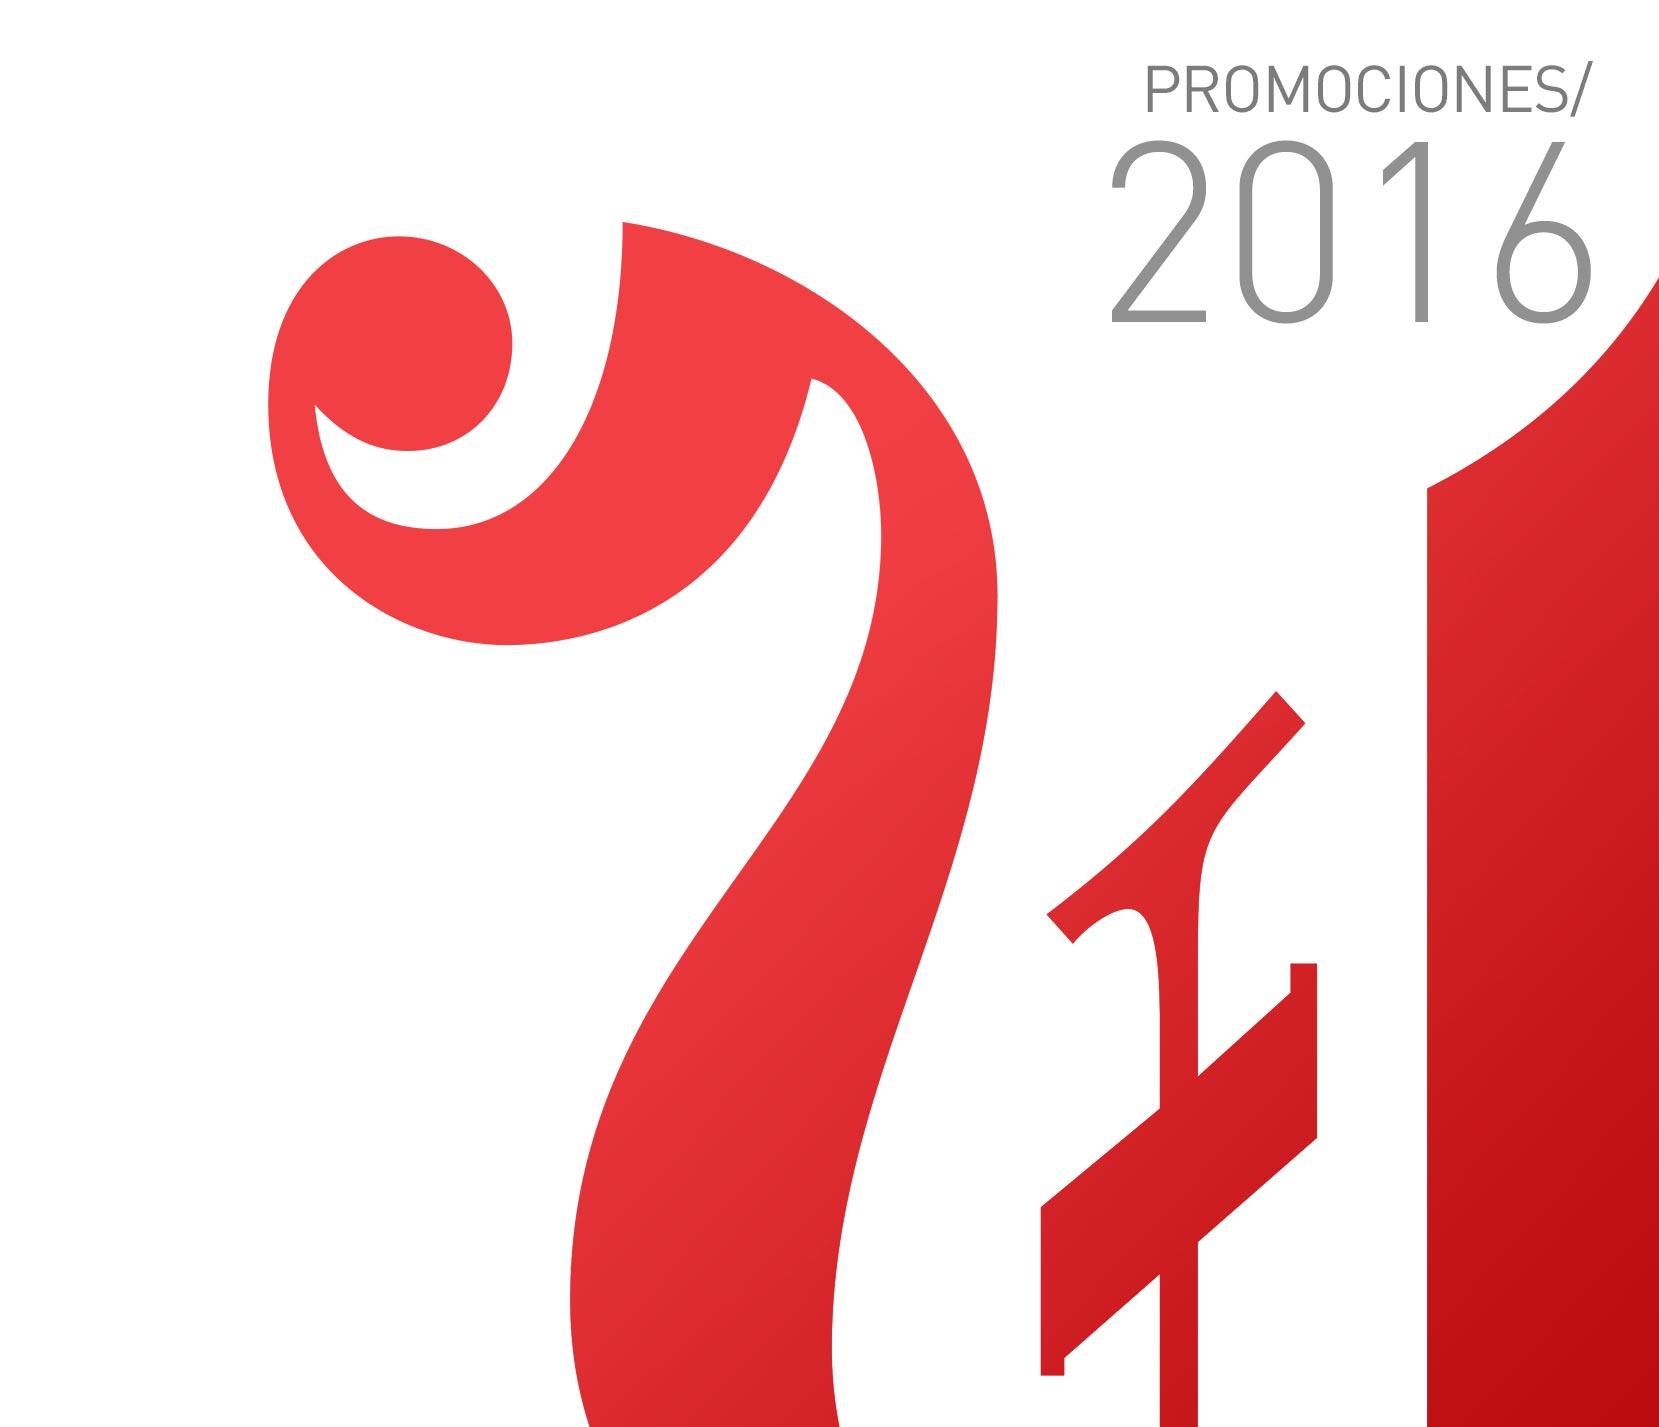 Promociones La Voz de Galicia 2016